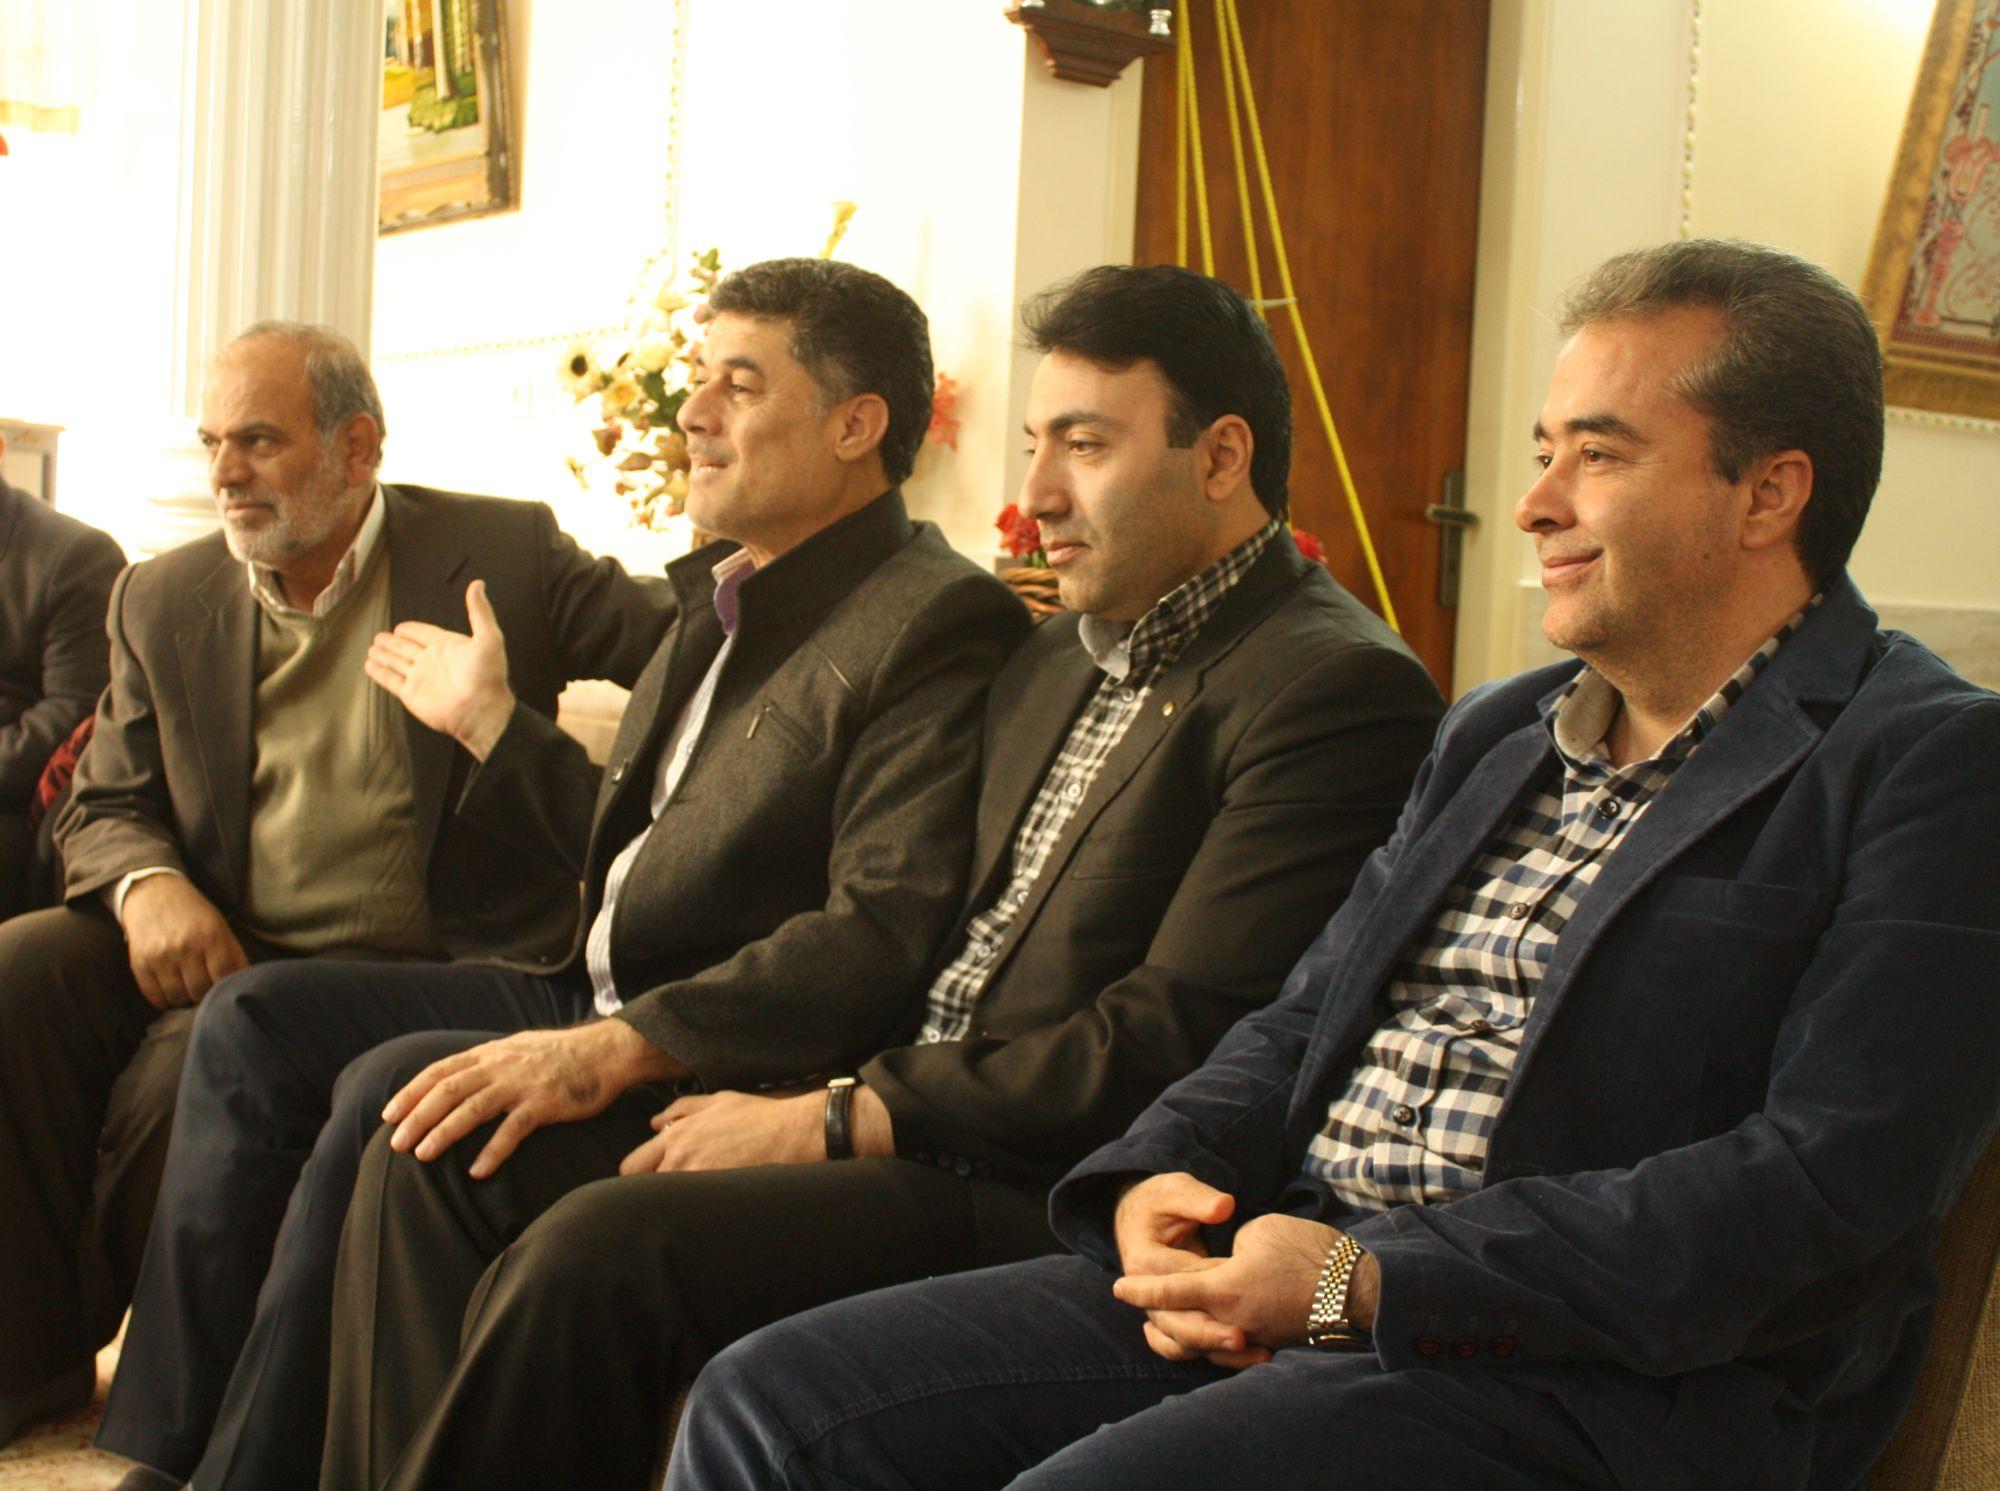 شهردار ورامین:جانبازان ذخیره های باارزش نظام هستند